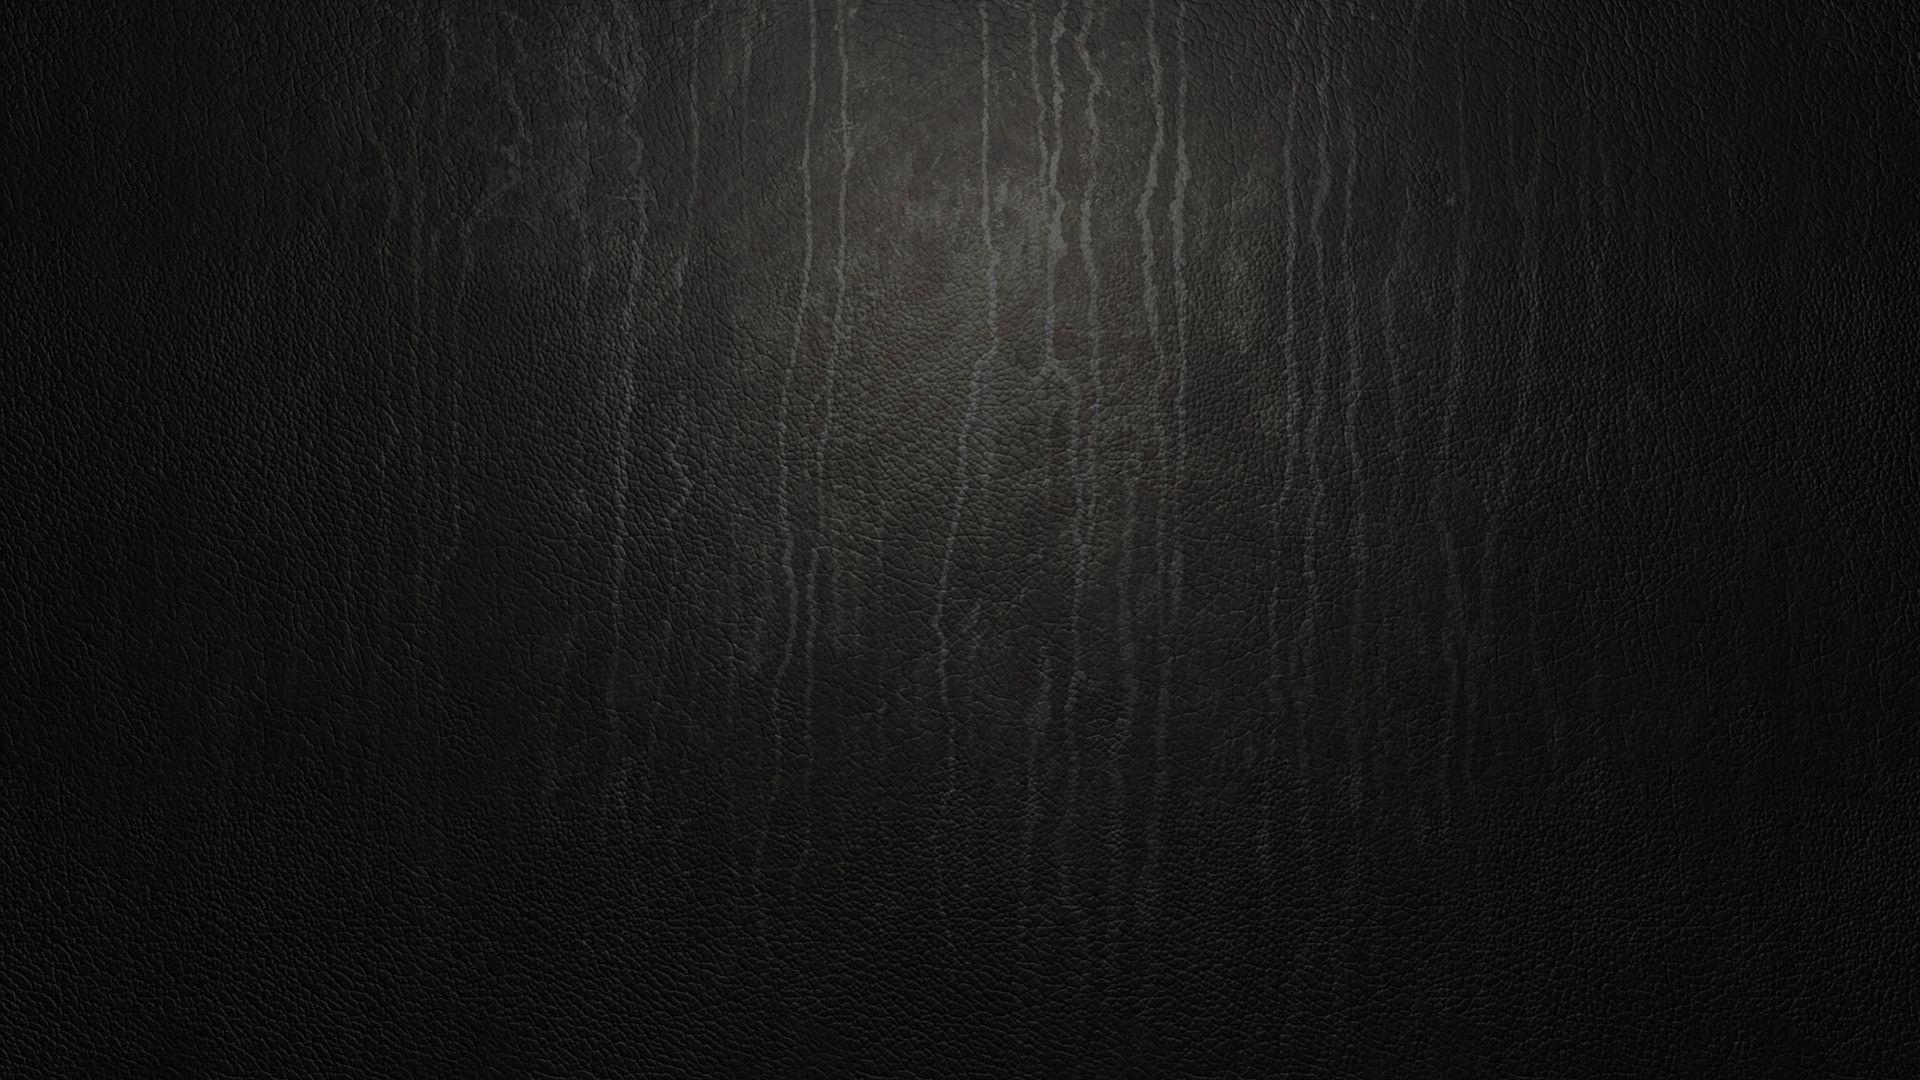 1920x1080 Black Carbon Fiber Wallpapers Black Hd Wallpaper Textured Wallpaper Black Wallpaper